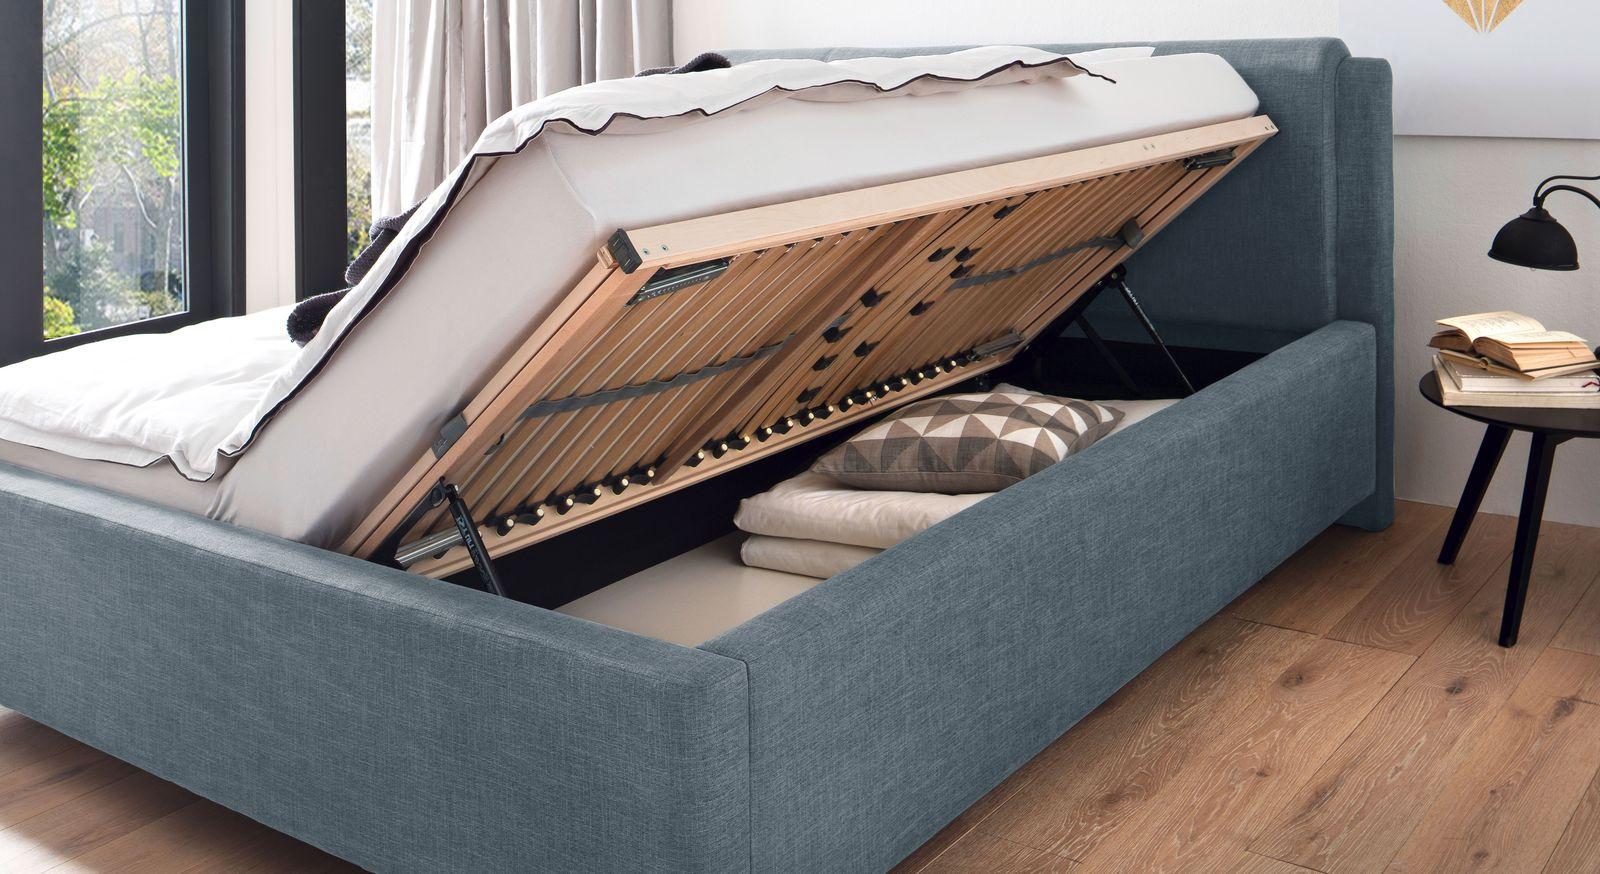 Breites Bett La Marsa mit praktischen Bettkästen